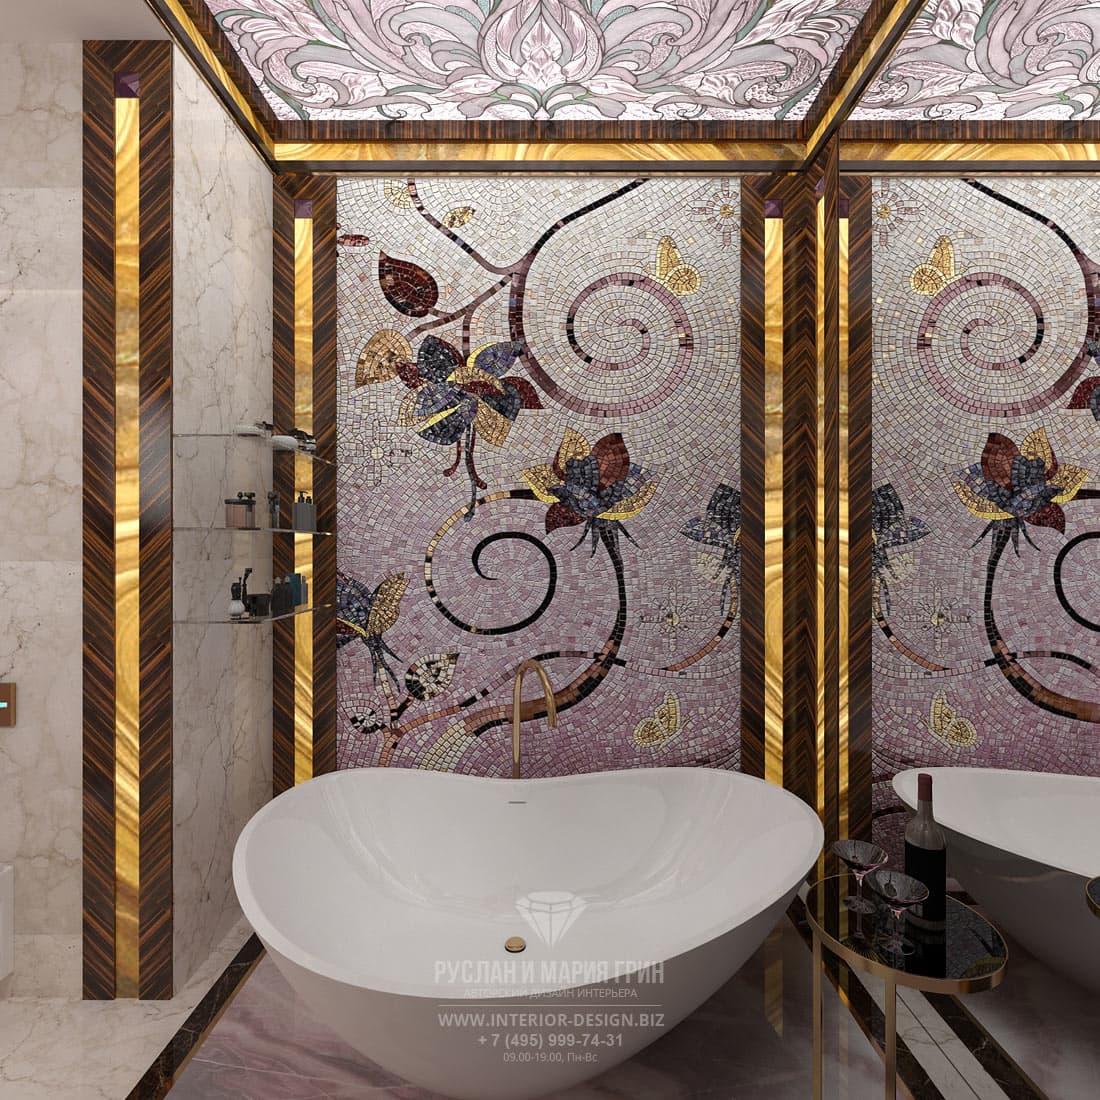 Ванна-чаша и мозаичное панно в интерьере санузла